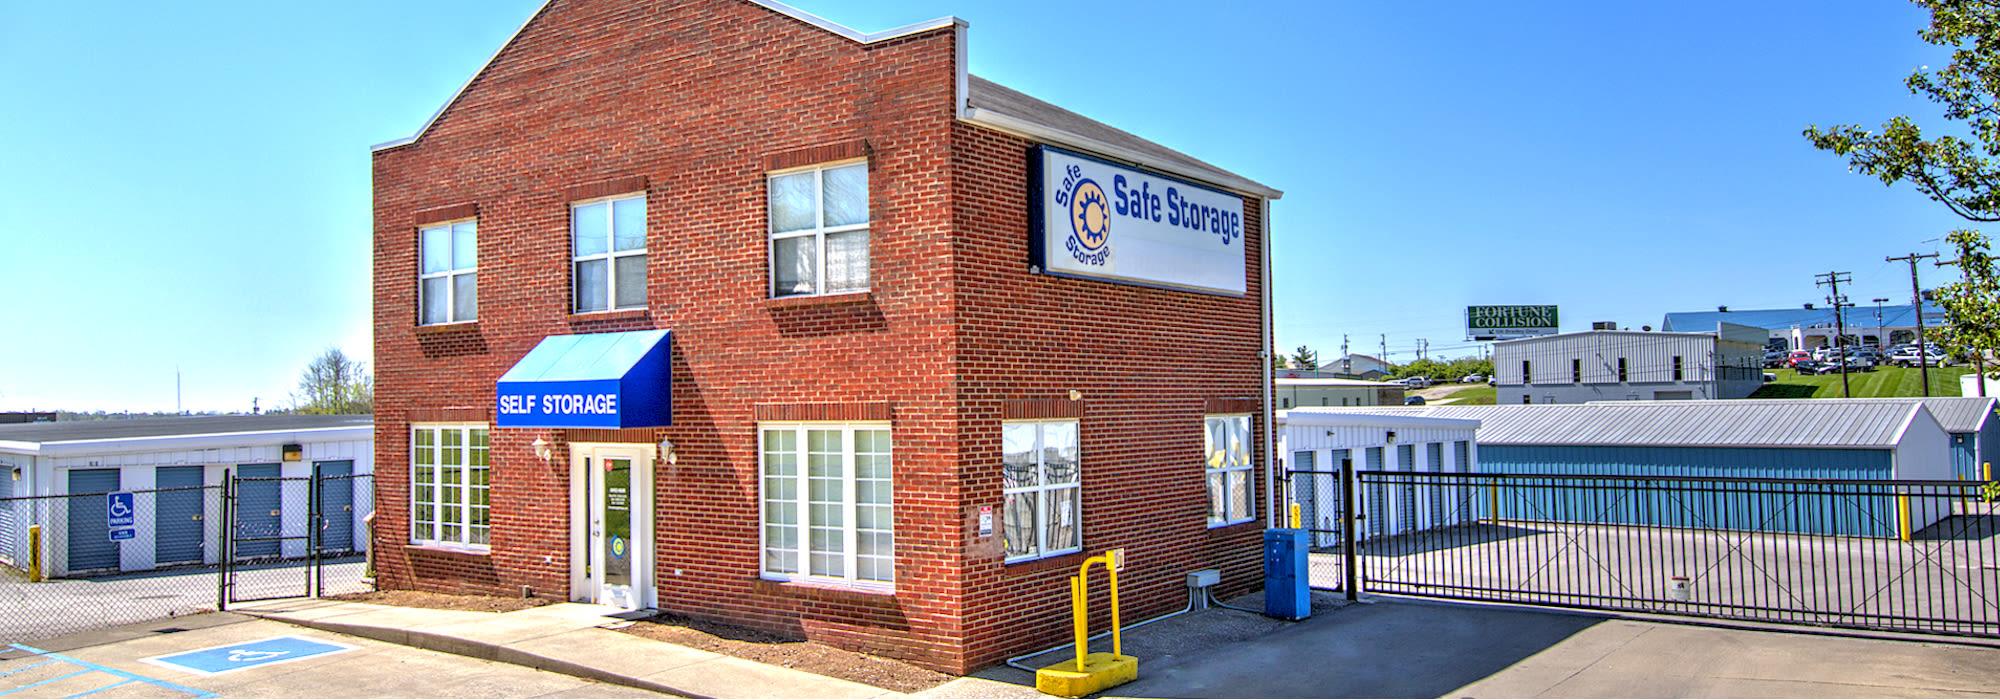 Safe Storage in Nicholasville, KY